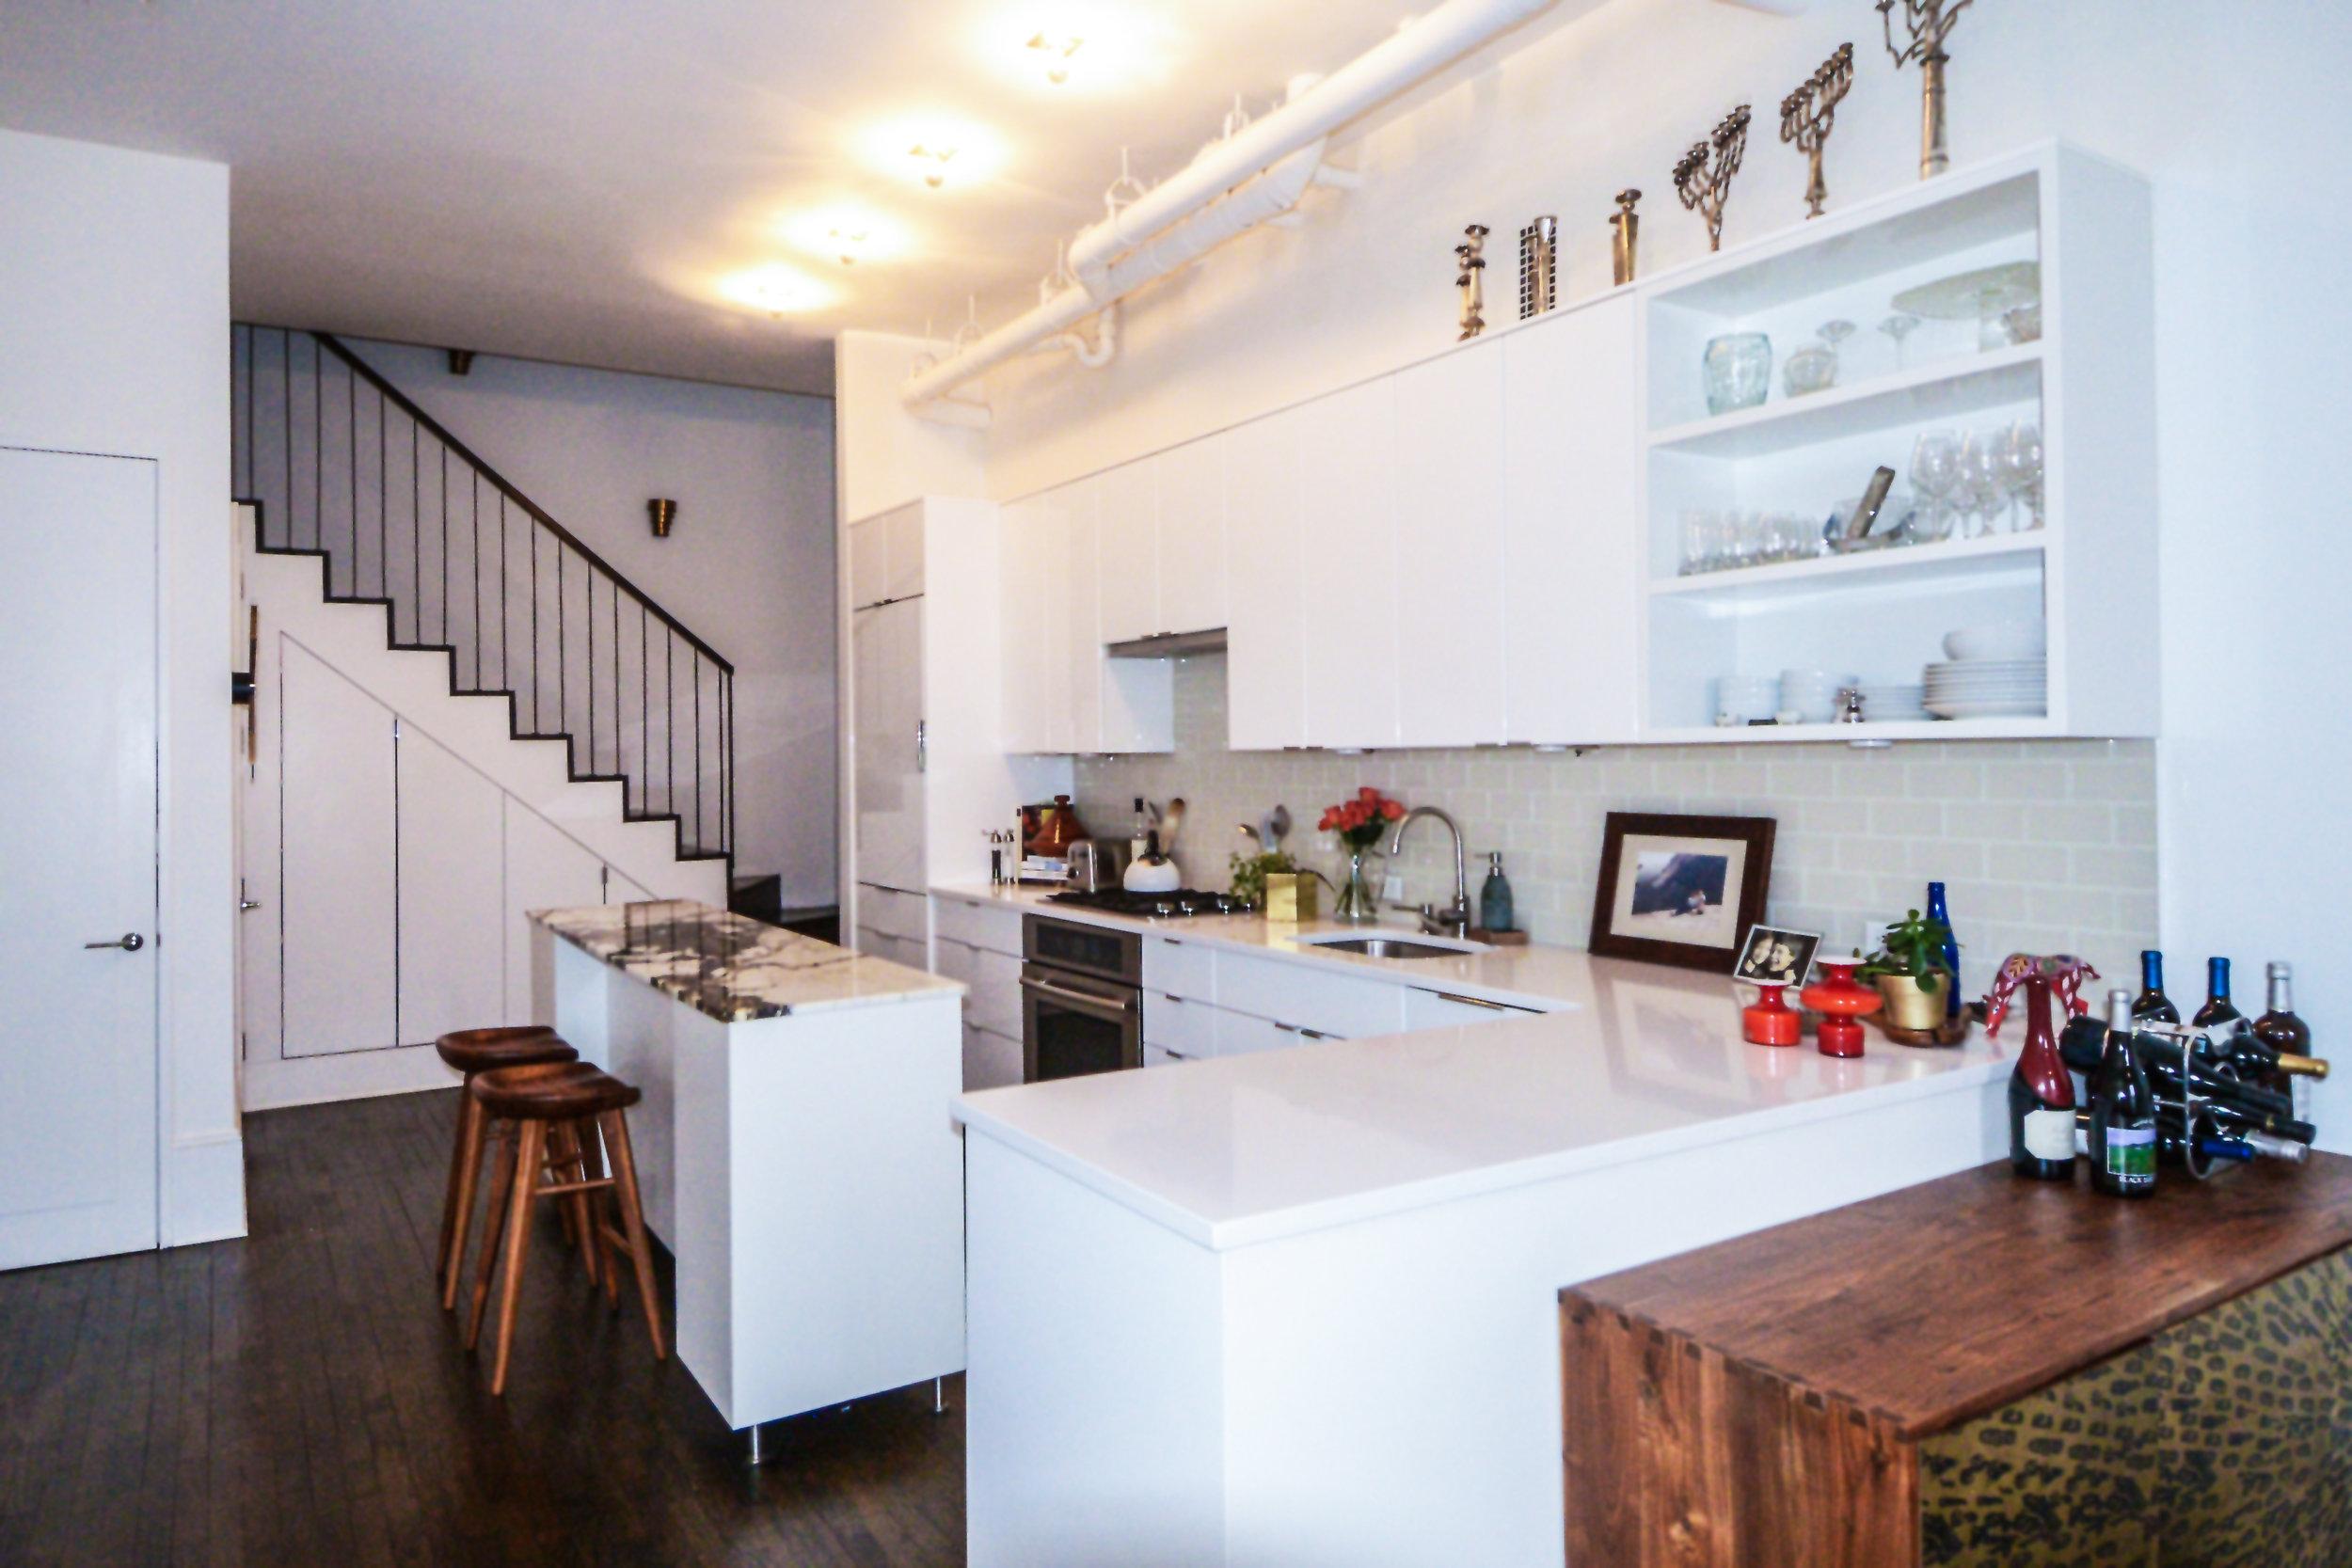 00 nassau street kitchen 001.jpg